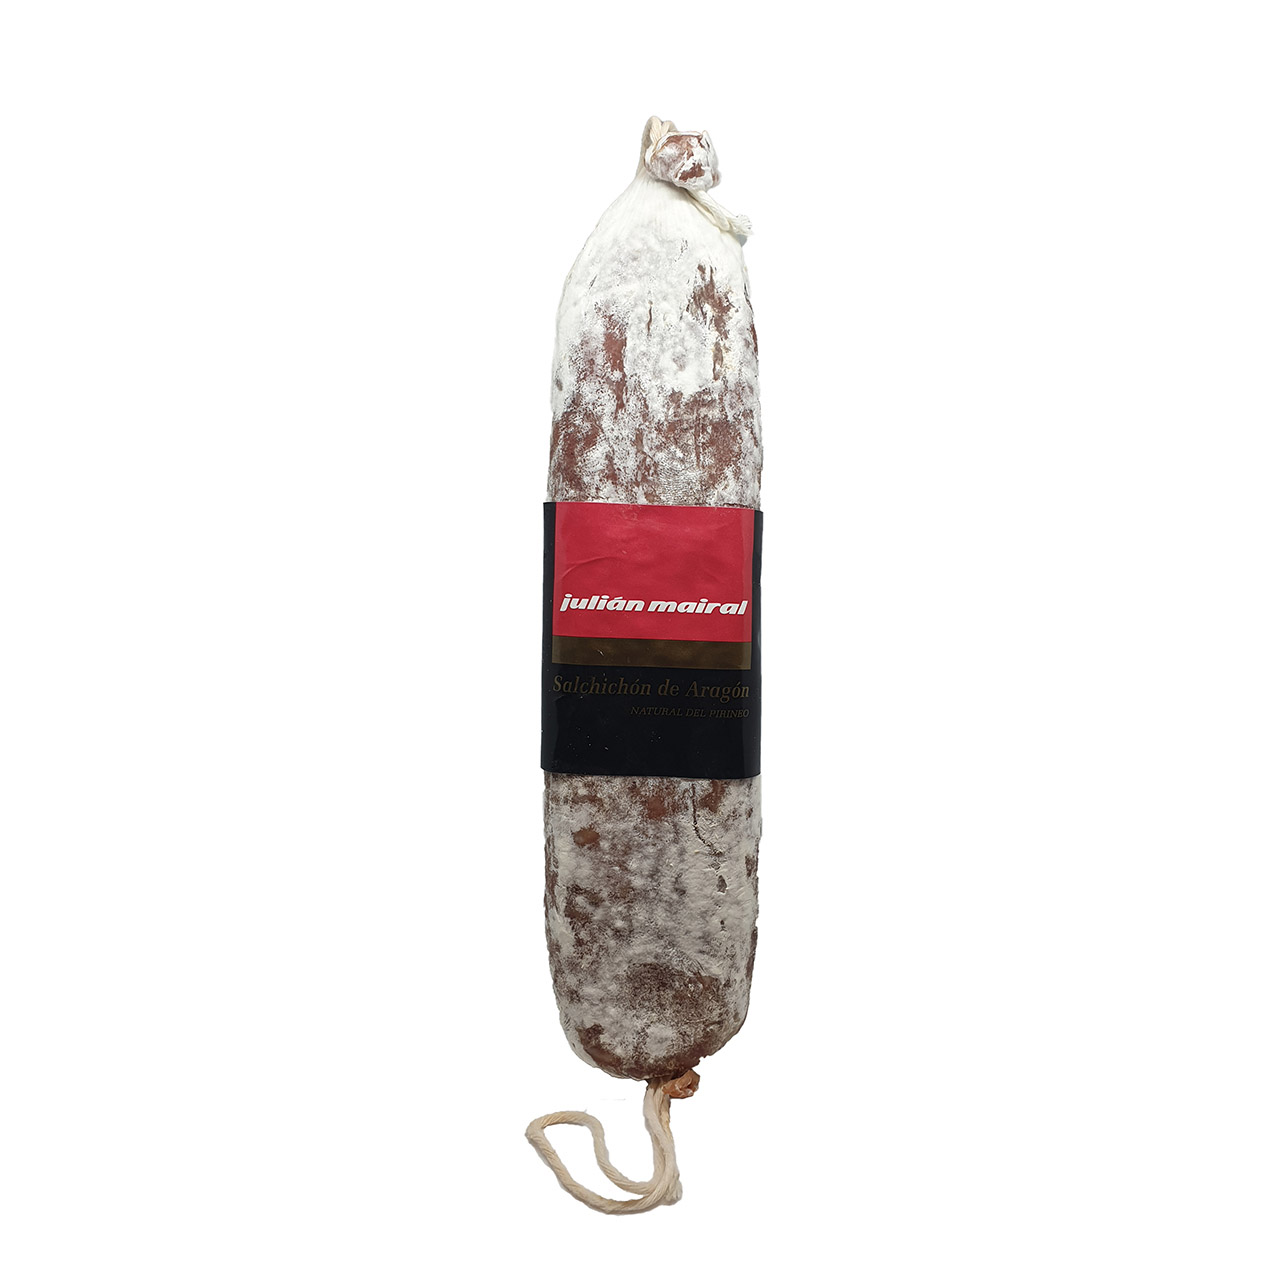 Salchichón de Aragón Extra